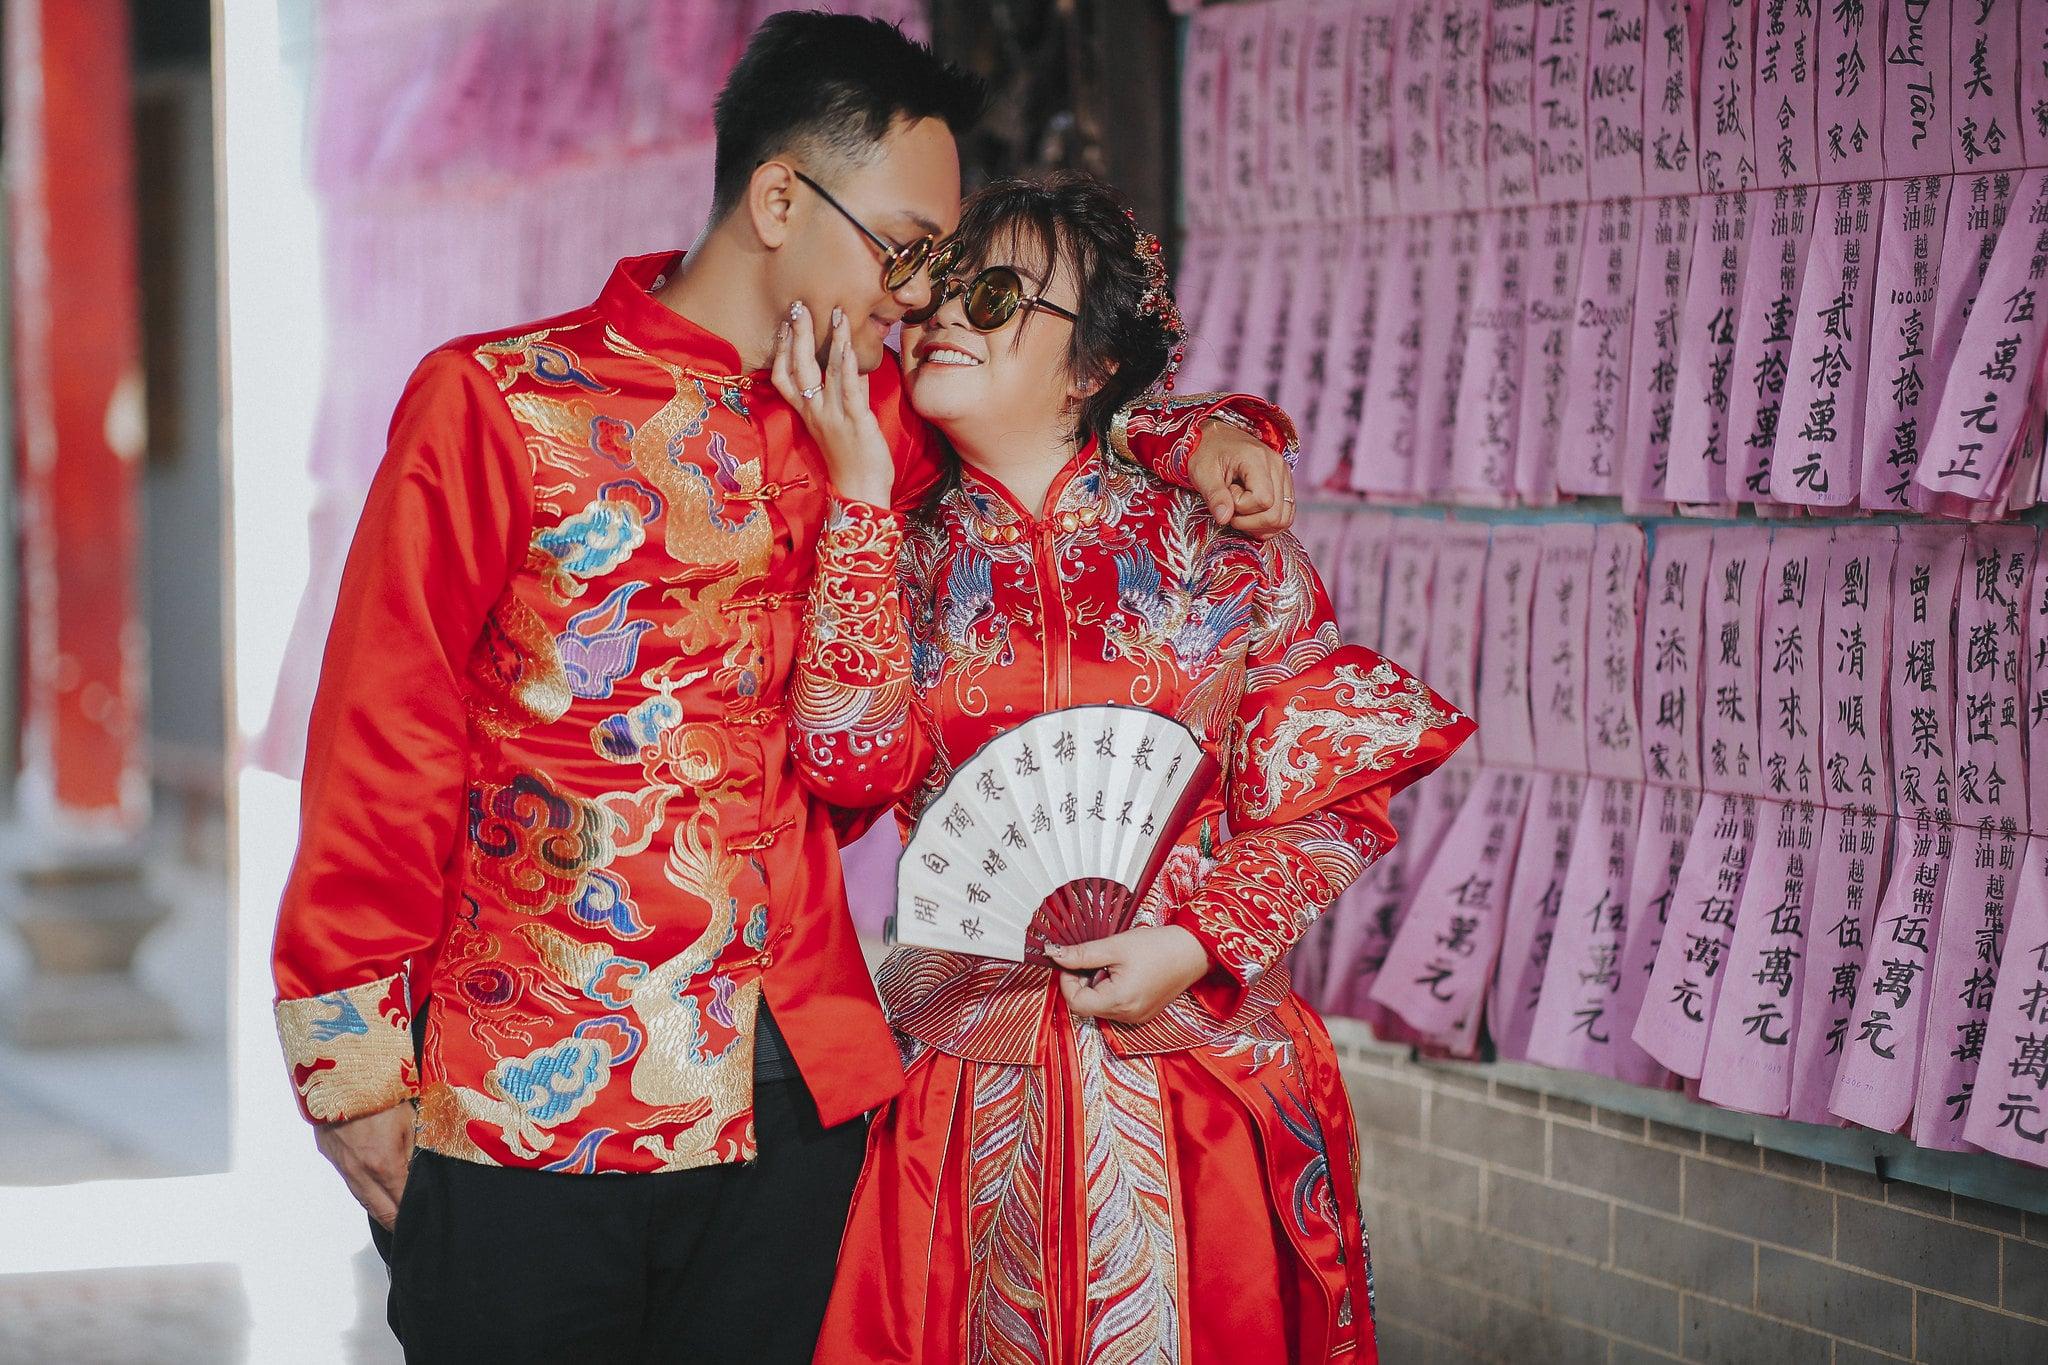 couple co trang 11 - Bộ ảnh couple cổ trang chụp tại chùa bà thiên hậu- HThao Studio